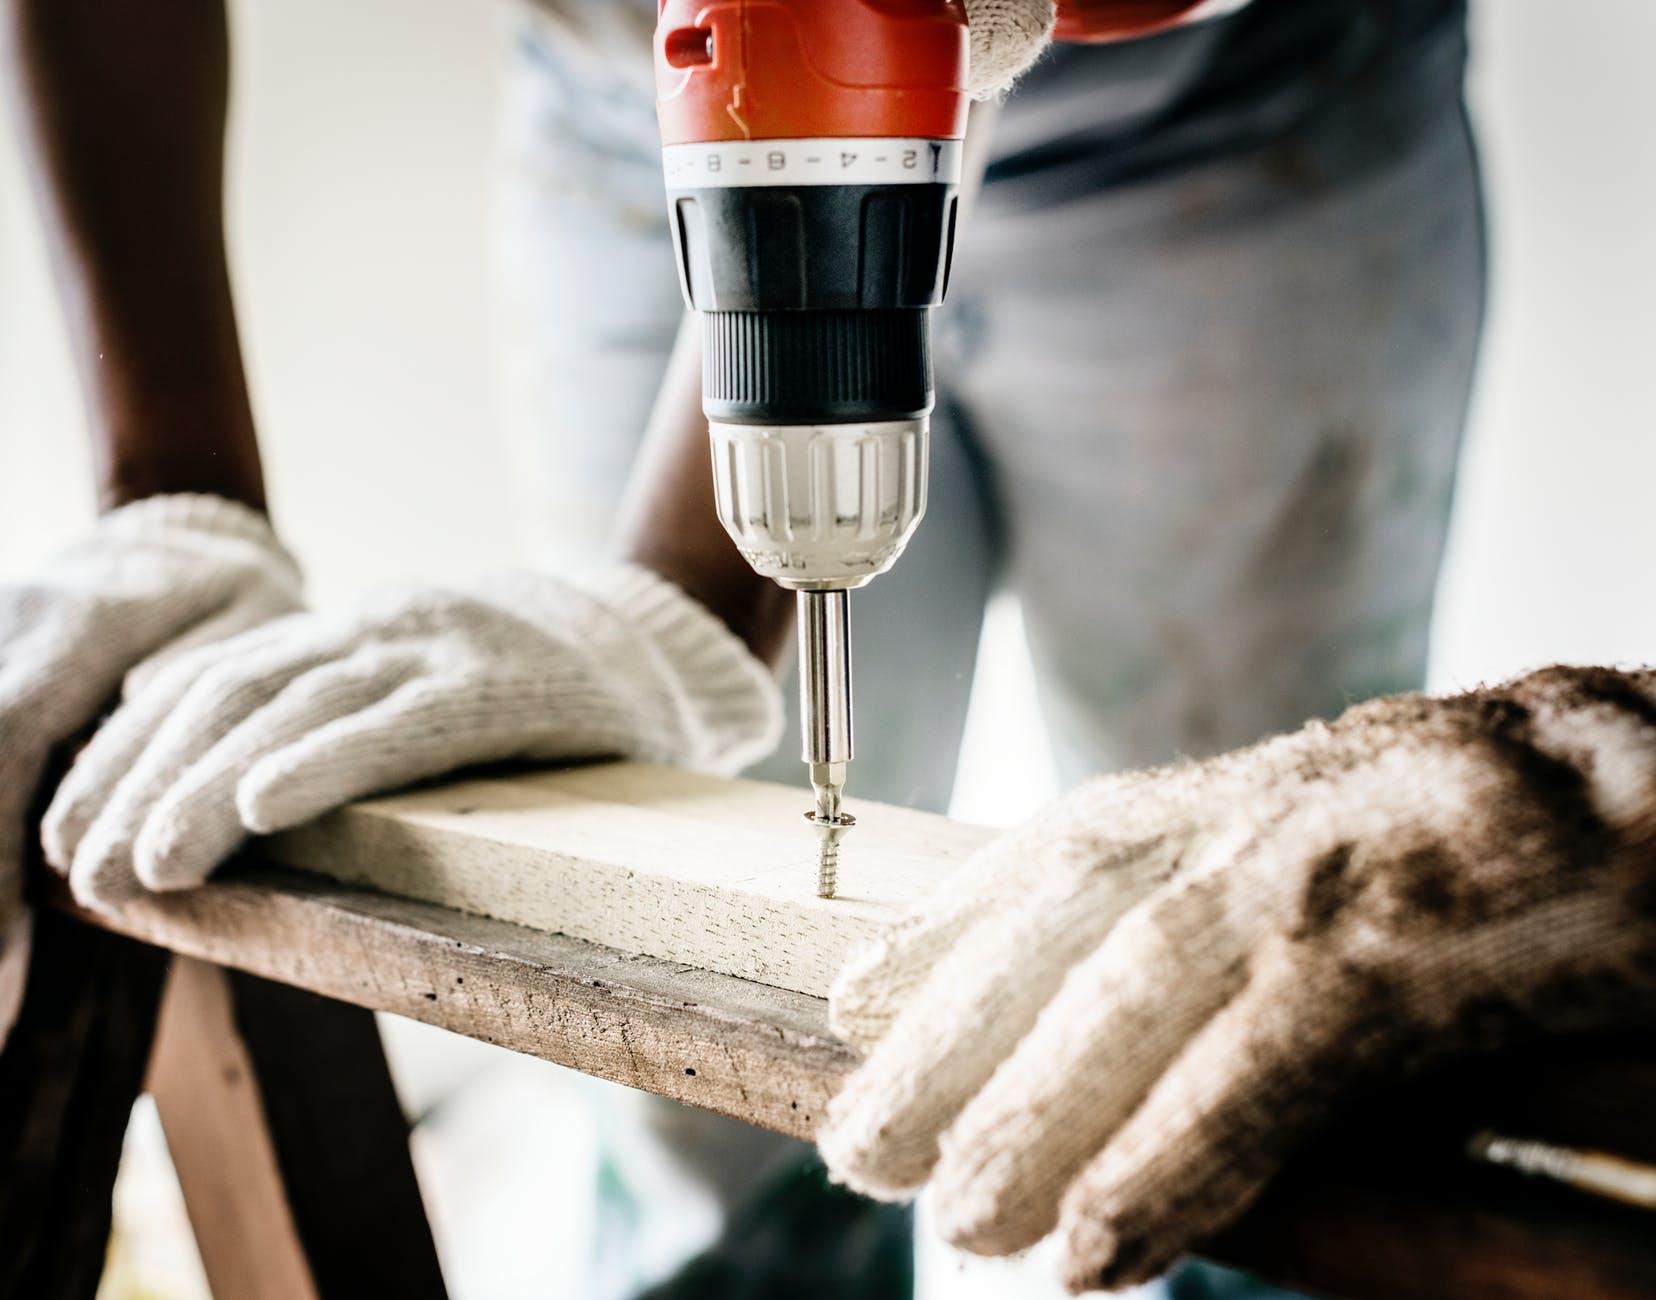 repairman doing screw drilling